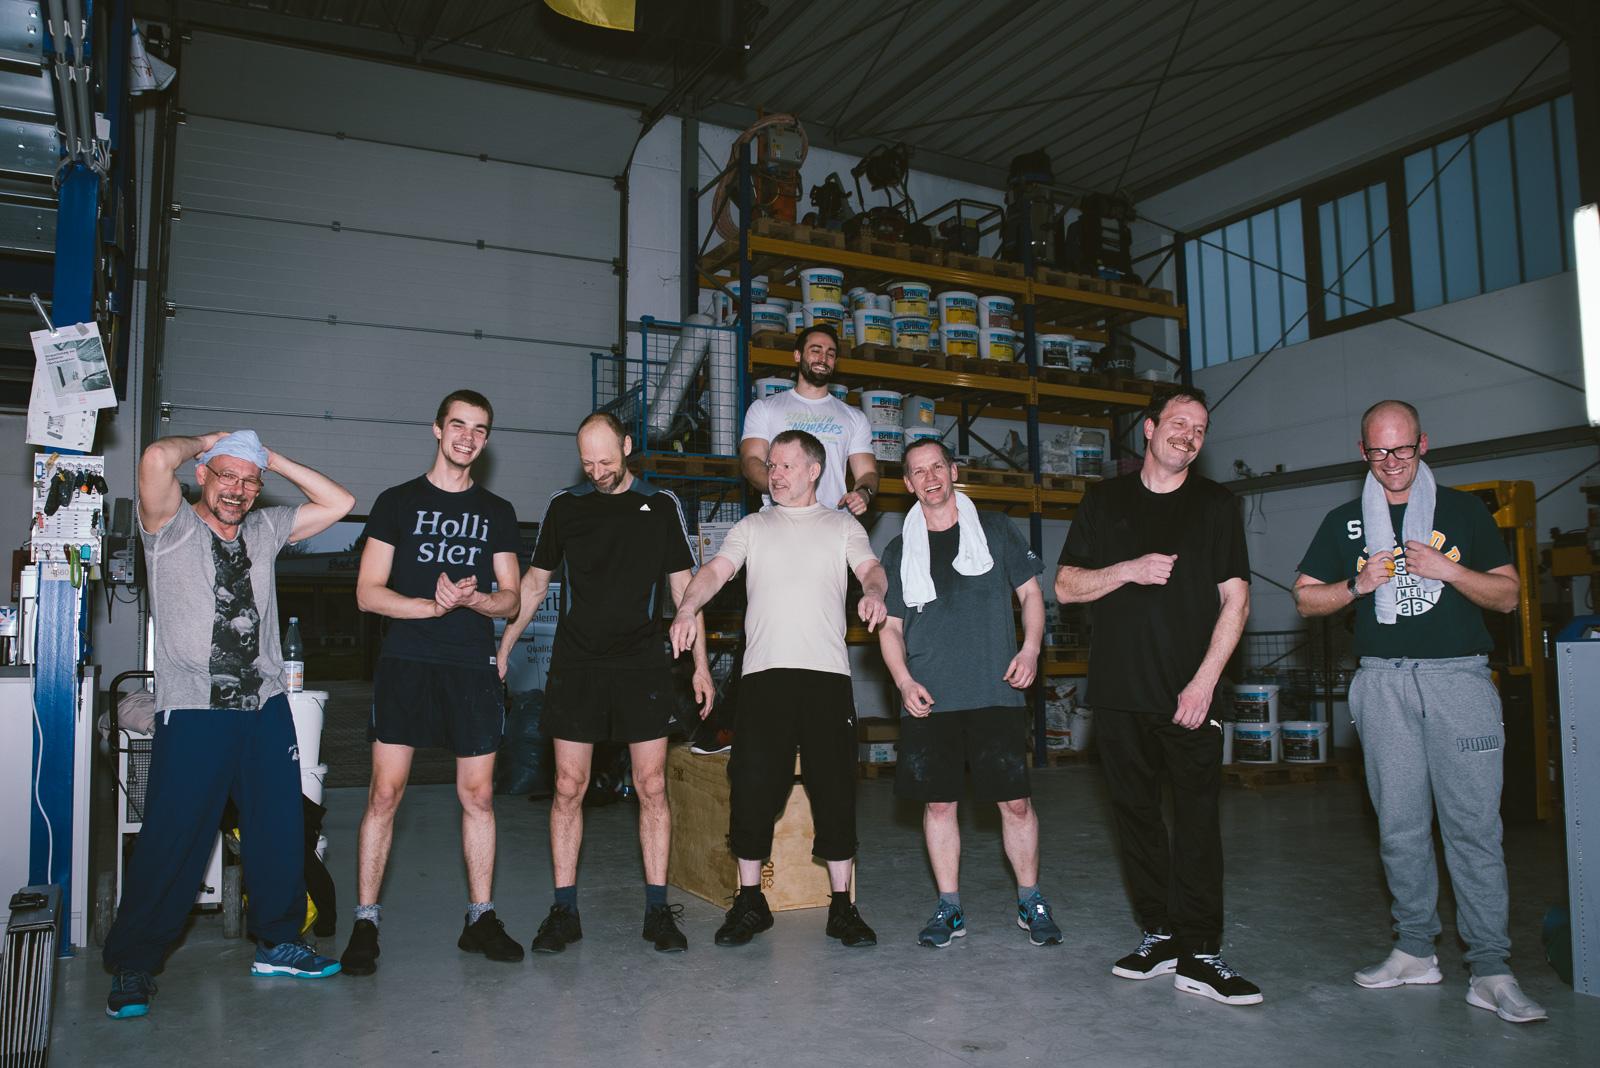 Bild: Wir halten uns fit!